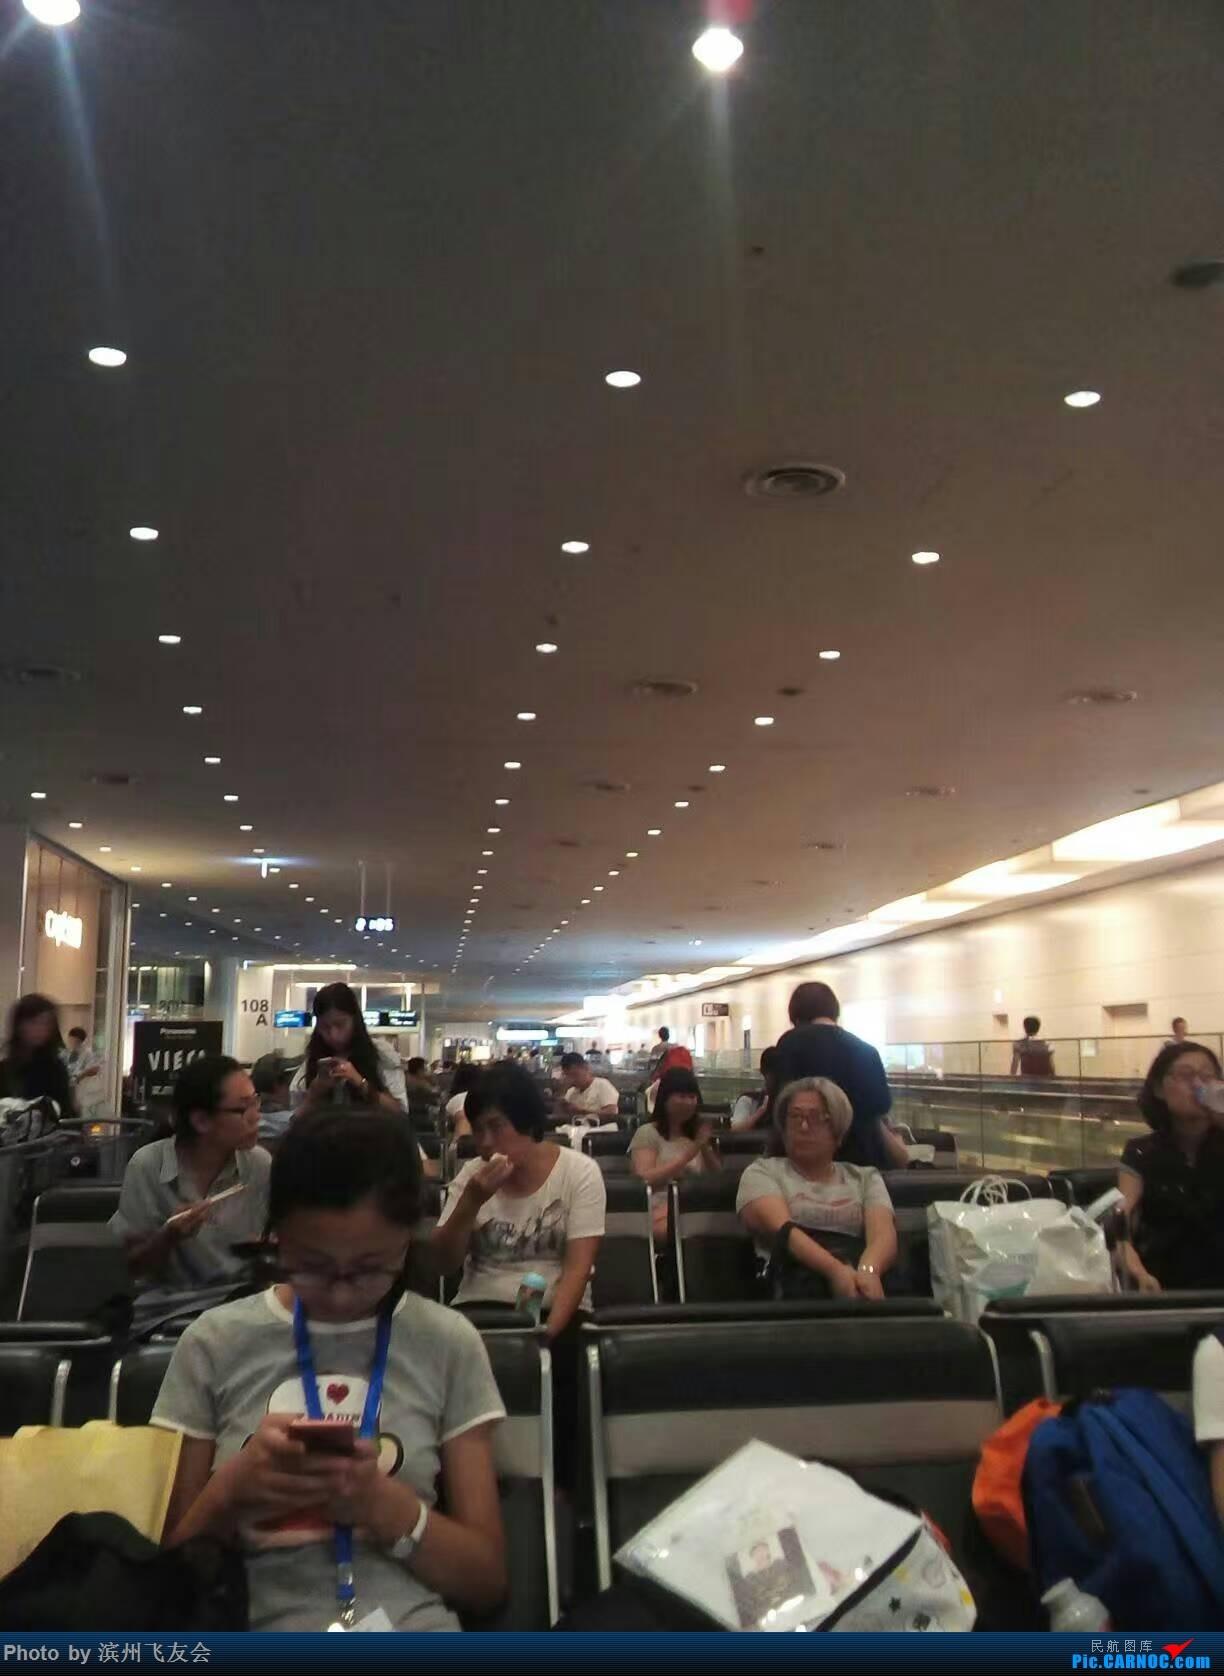 [原创]全日空美国游记2-东京羽田,洛杉矶 BOEING 777-200ER  日本东京羽田国际机场